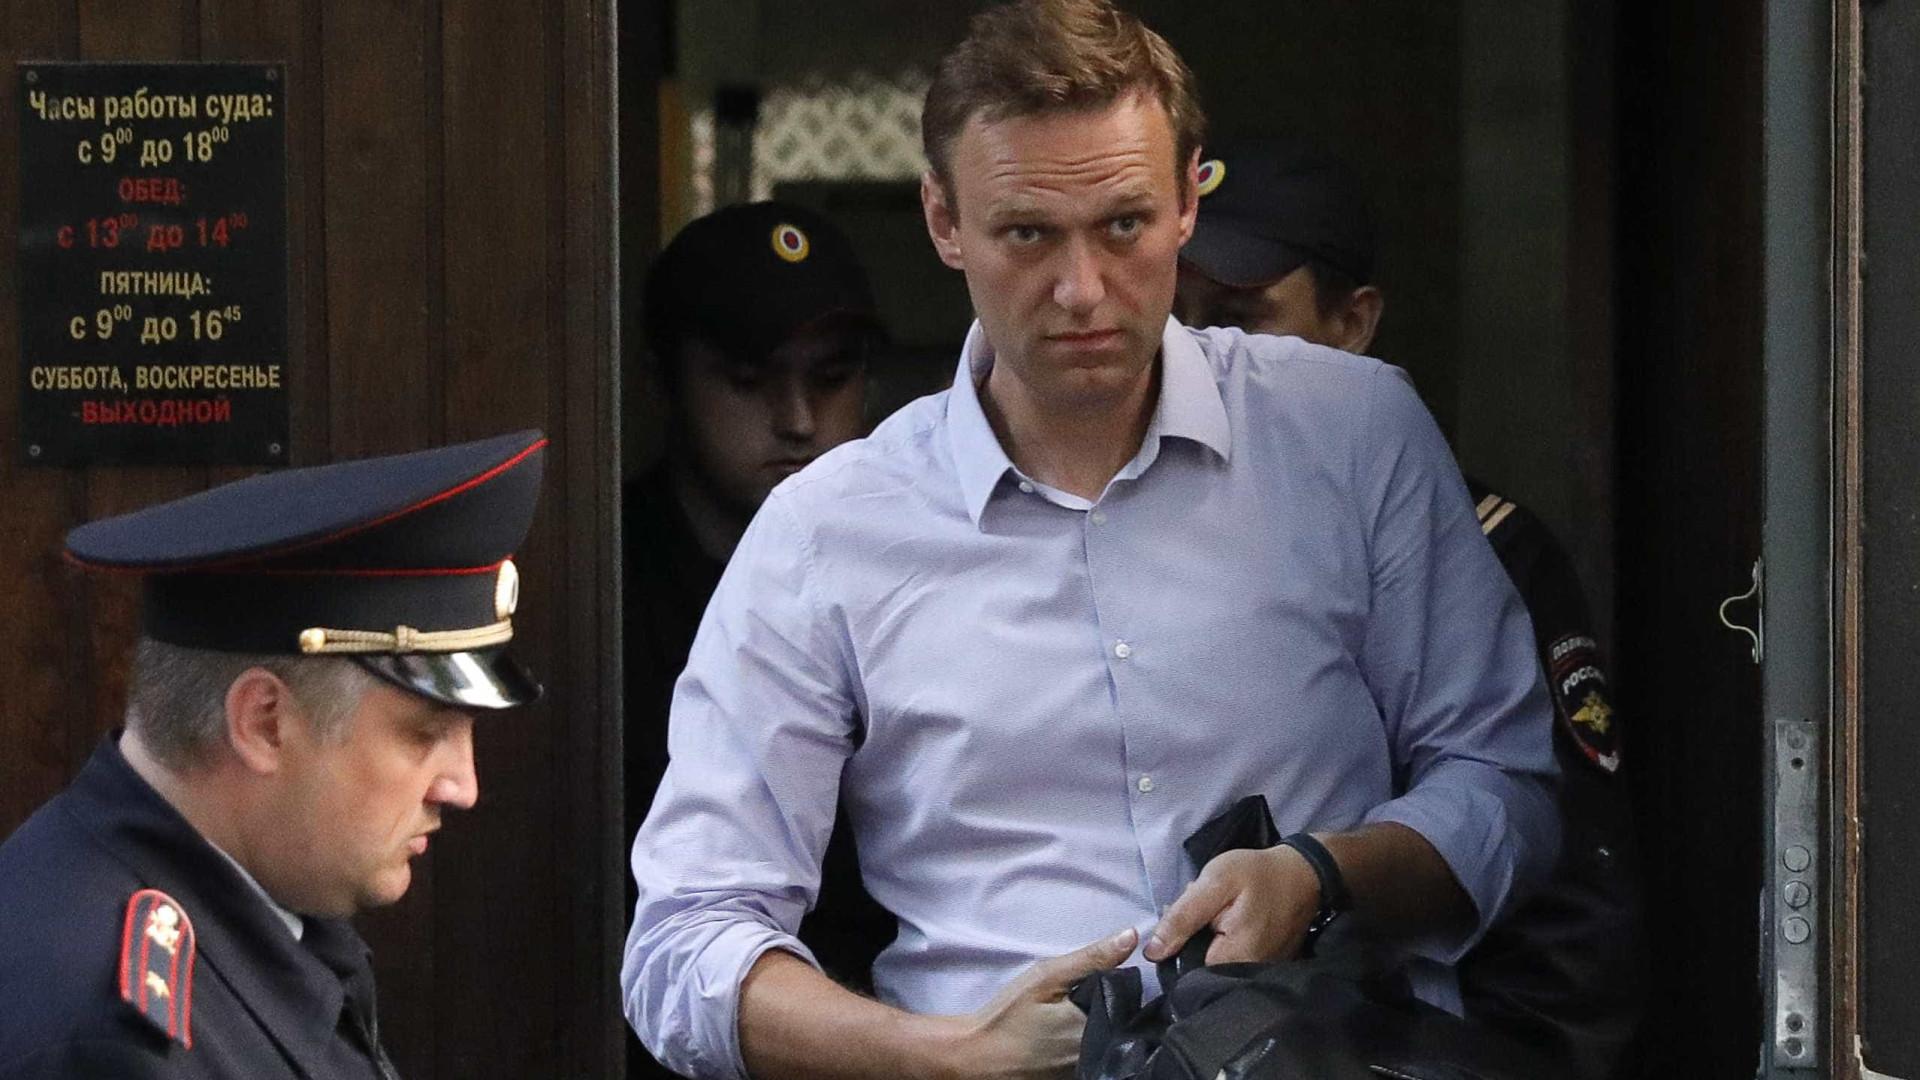 Opositor de Putin sai da cadeia e diz que ela ganhou 'padrão Fifa'